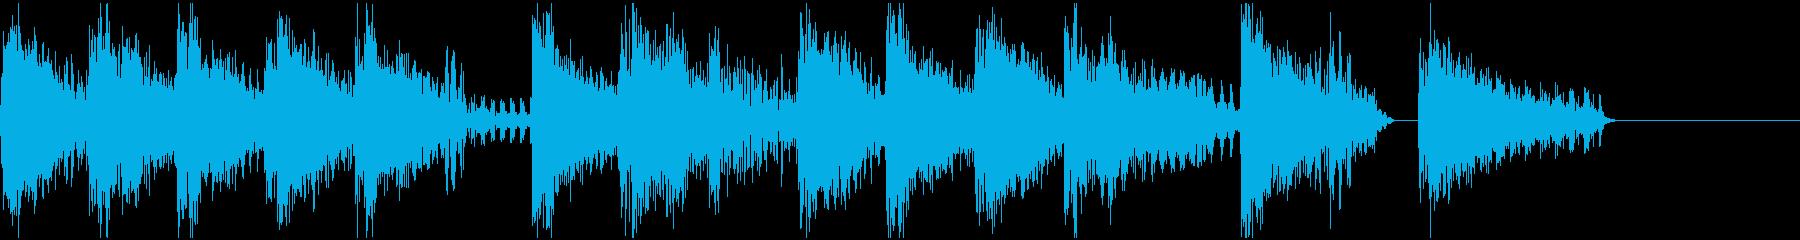 ファミコン・ゲーム風  ジングル3の再生済みの波形